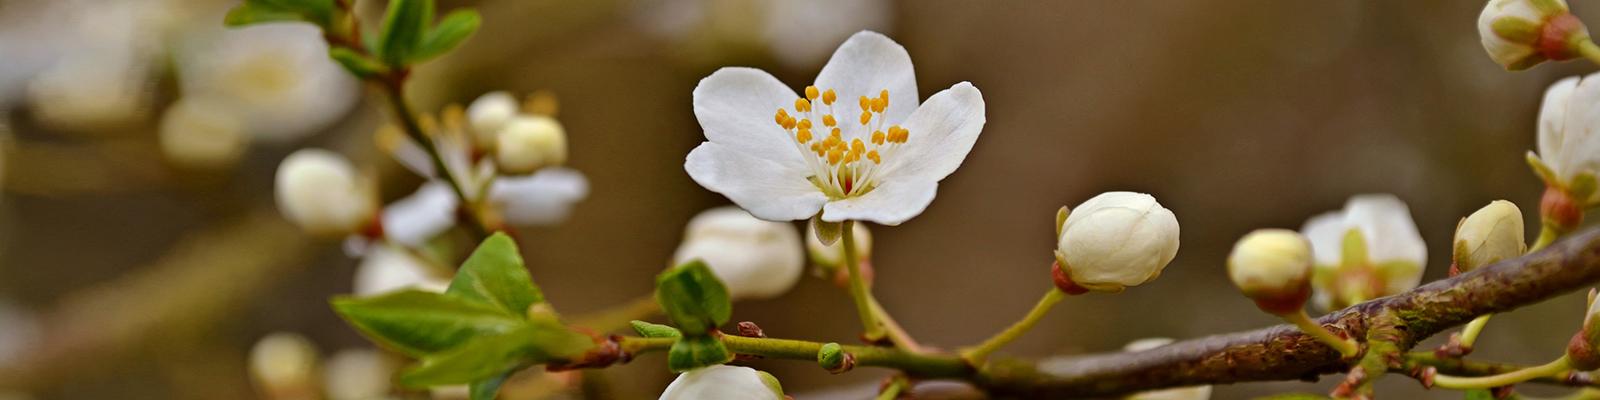 blossom slider